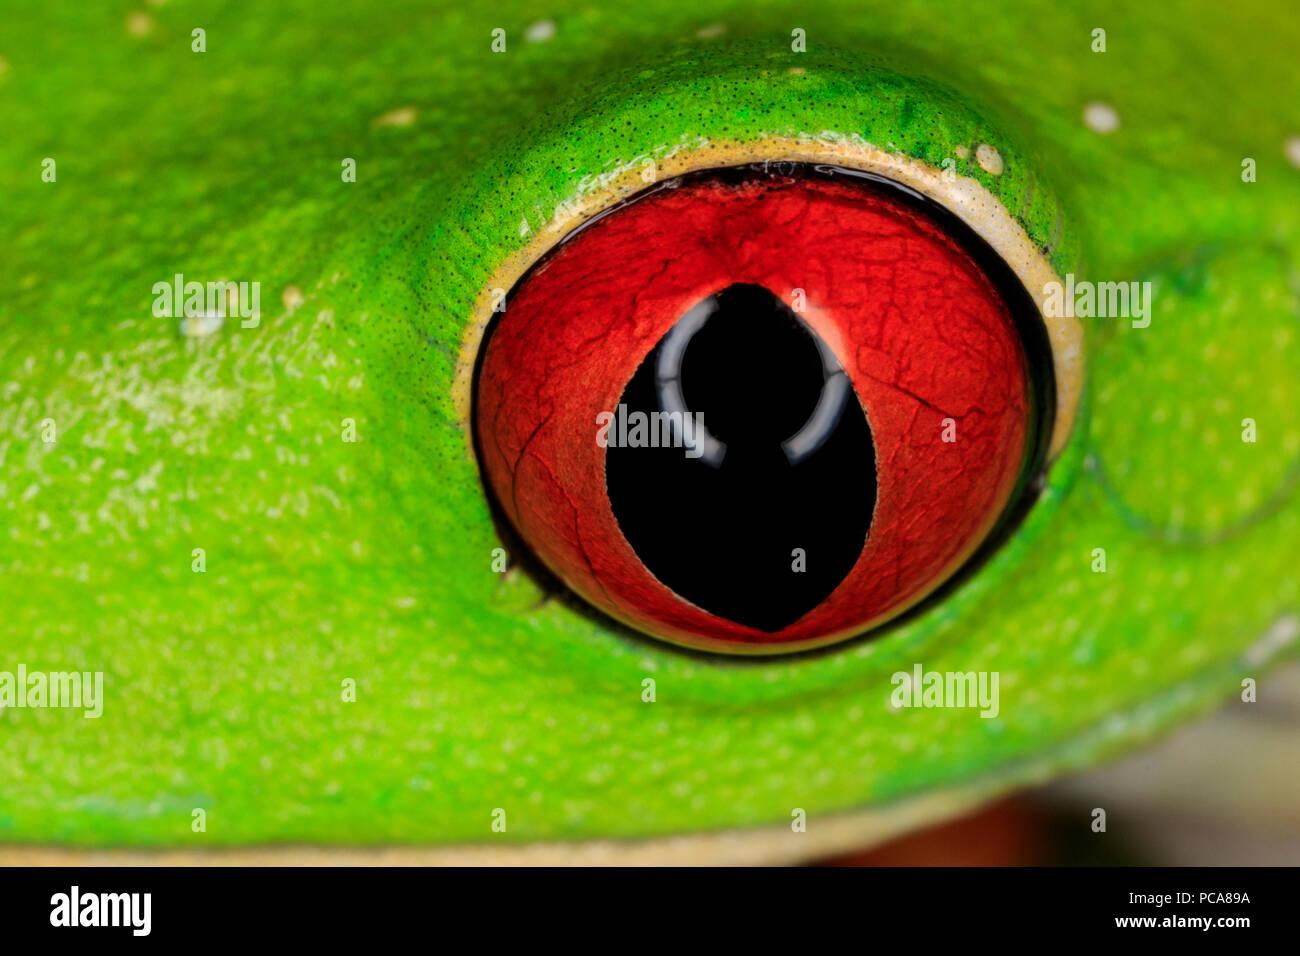 red-eyed treefrog (Agalychnis callidryas), eye detail Stock Photo